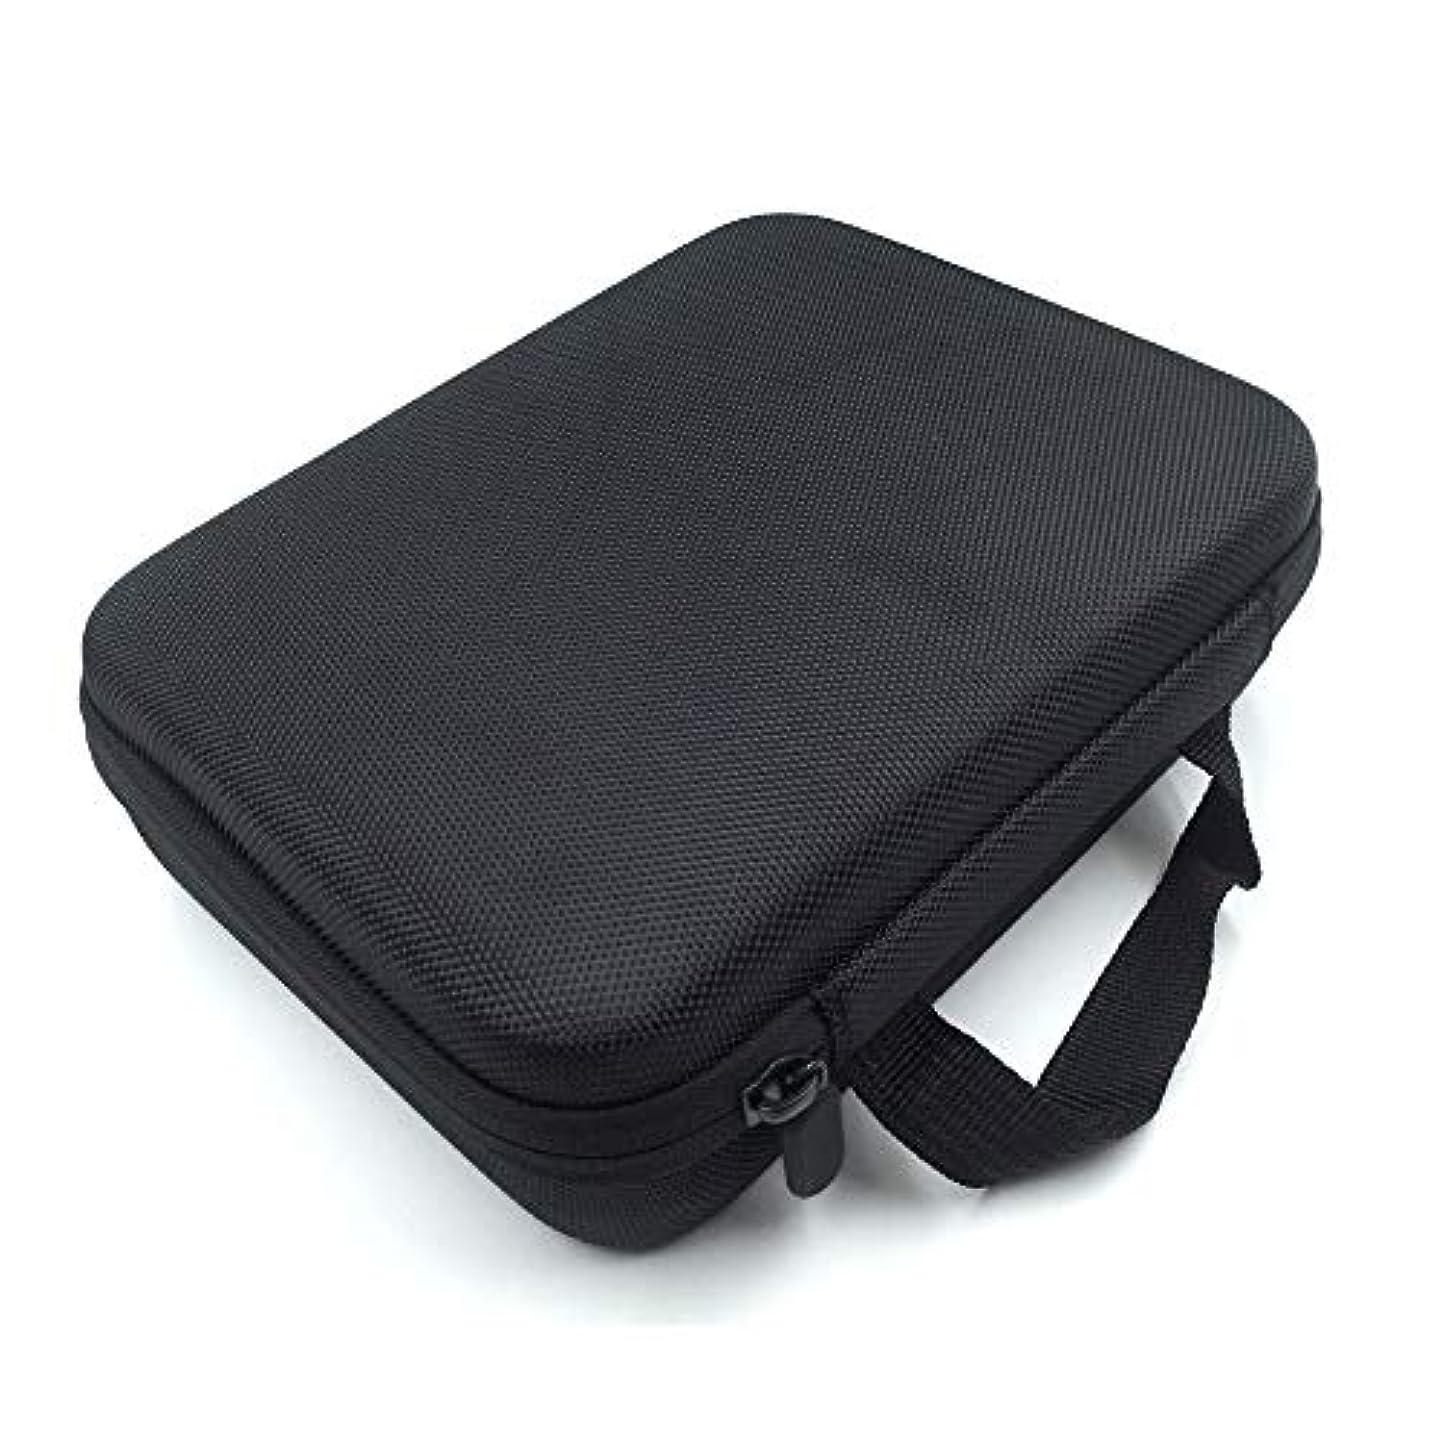 オリエンタル事実アンケート[RADISSY] アロマポーチ エッセンシャルオイル ケース 収納ボックス メイクポーチ 30本用 (ブラック)